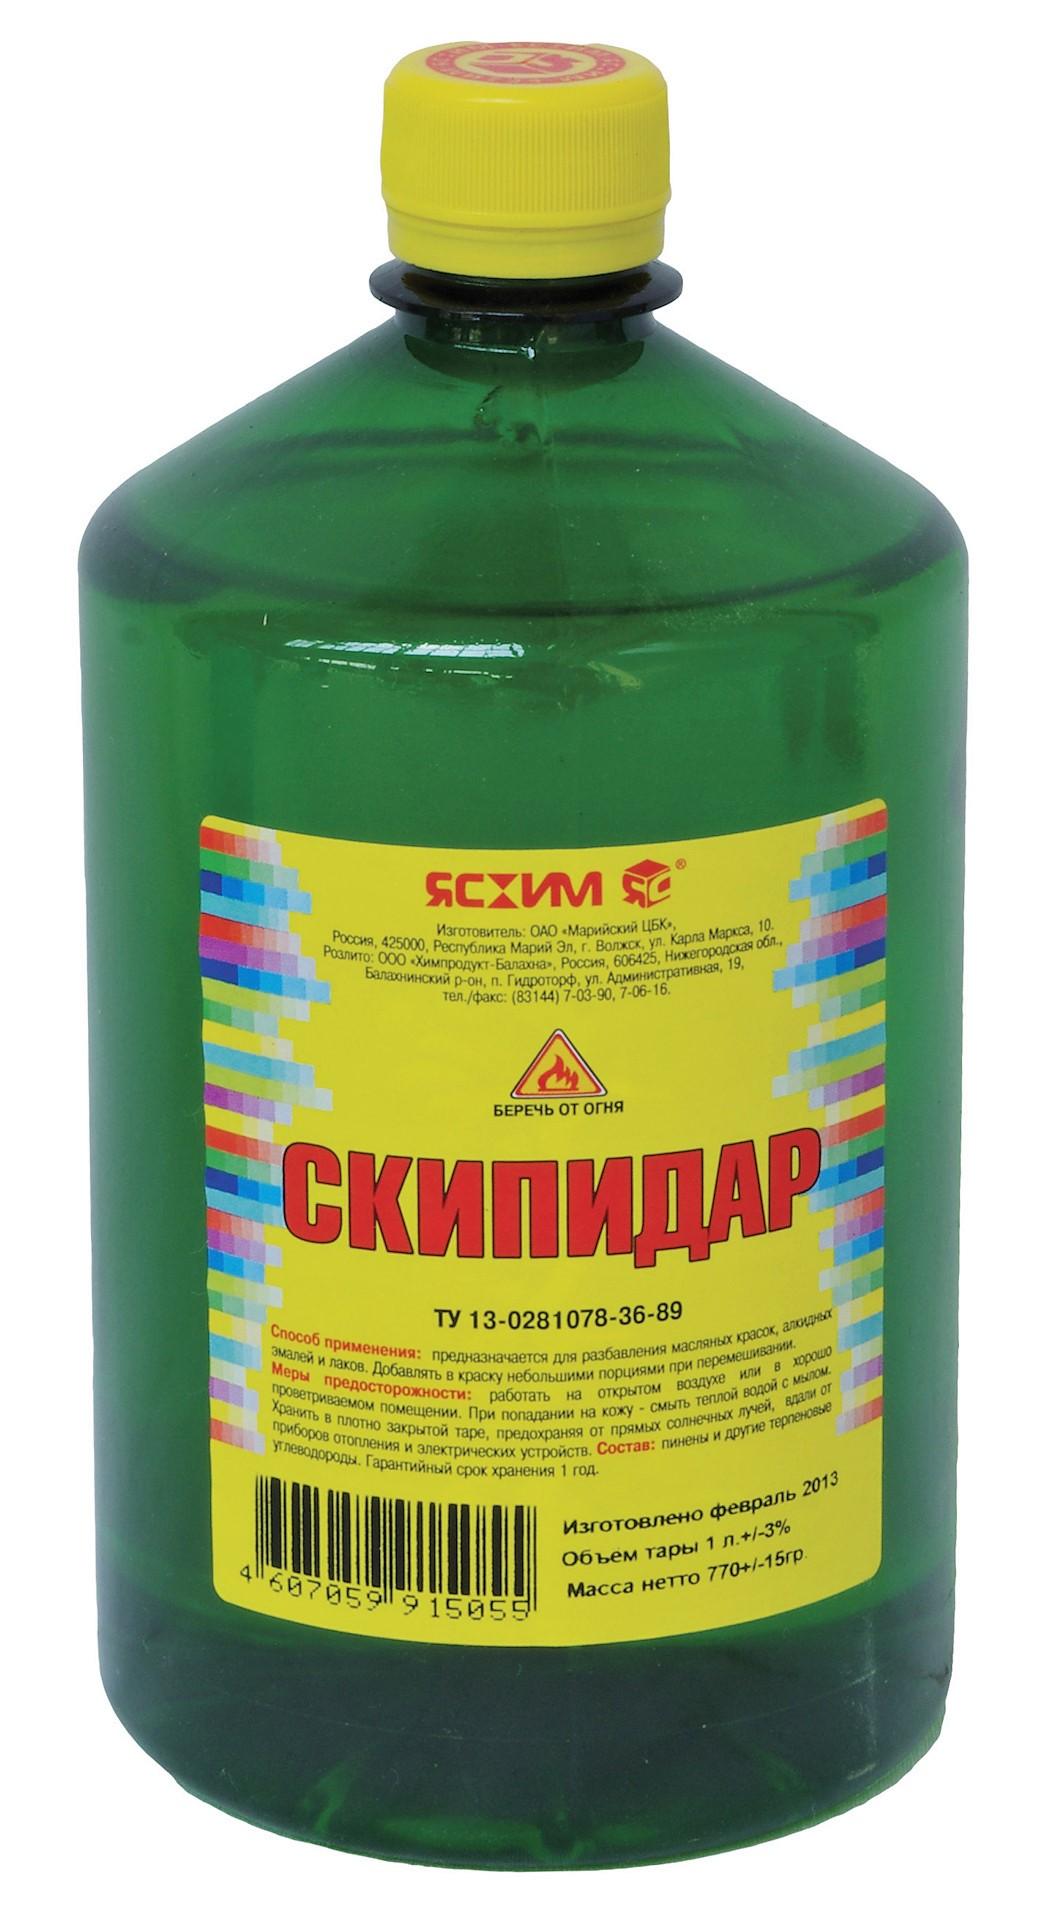 Скипидар ПЭТ ЯСХИМ 1л - фото